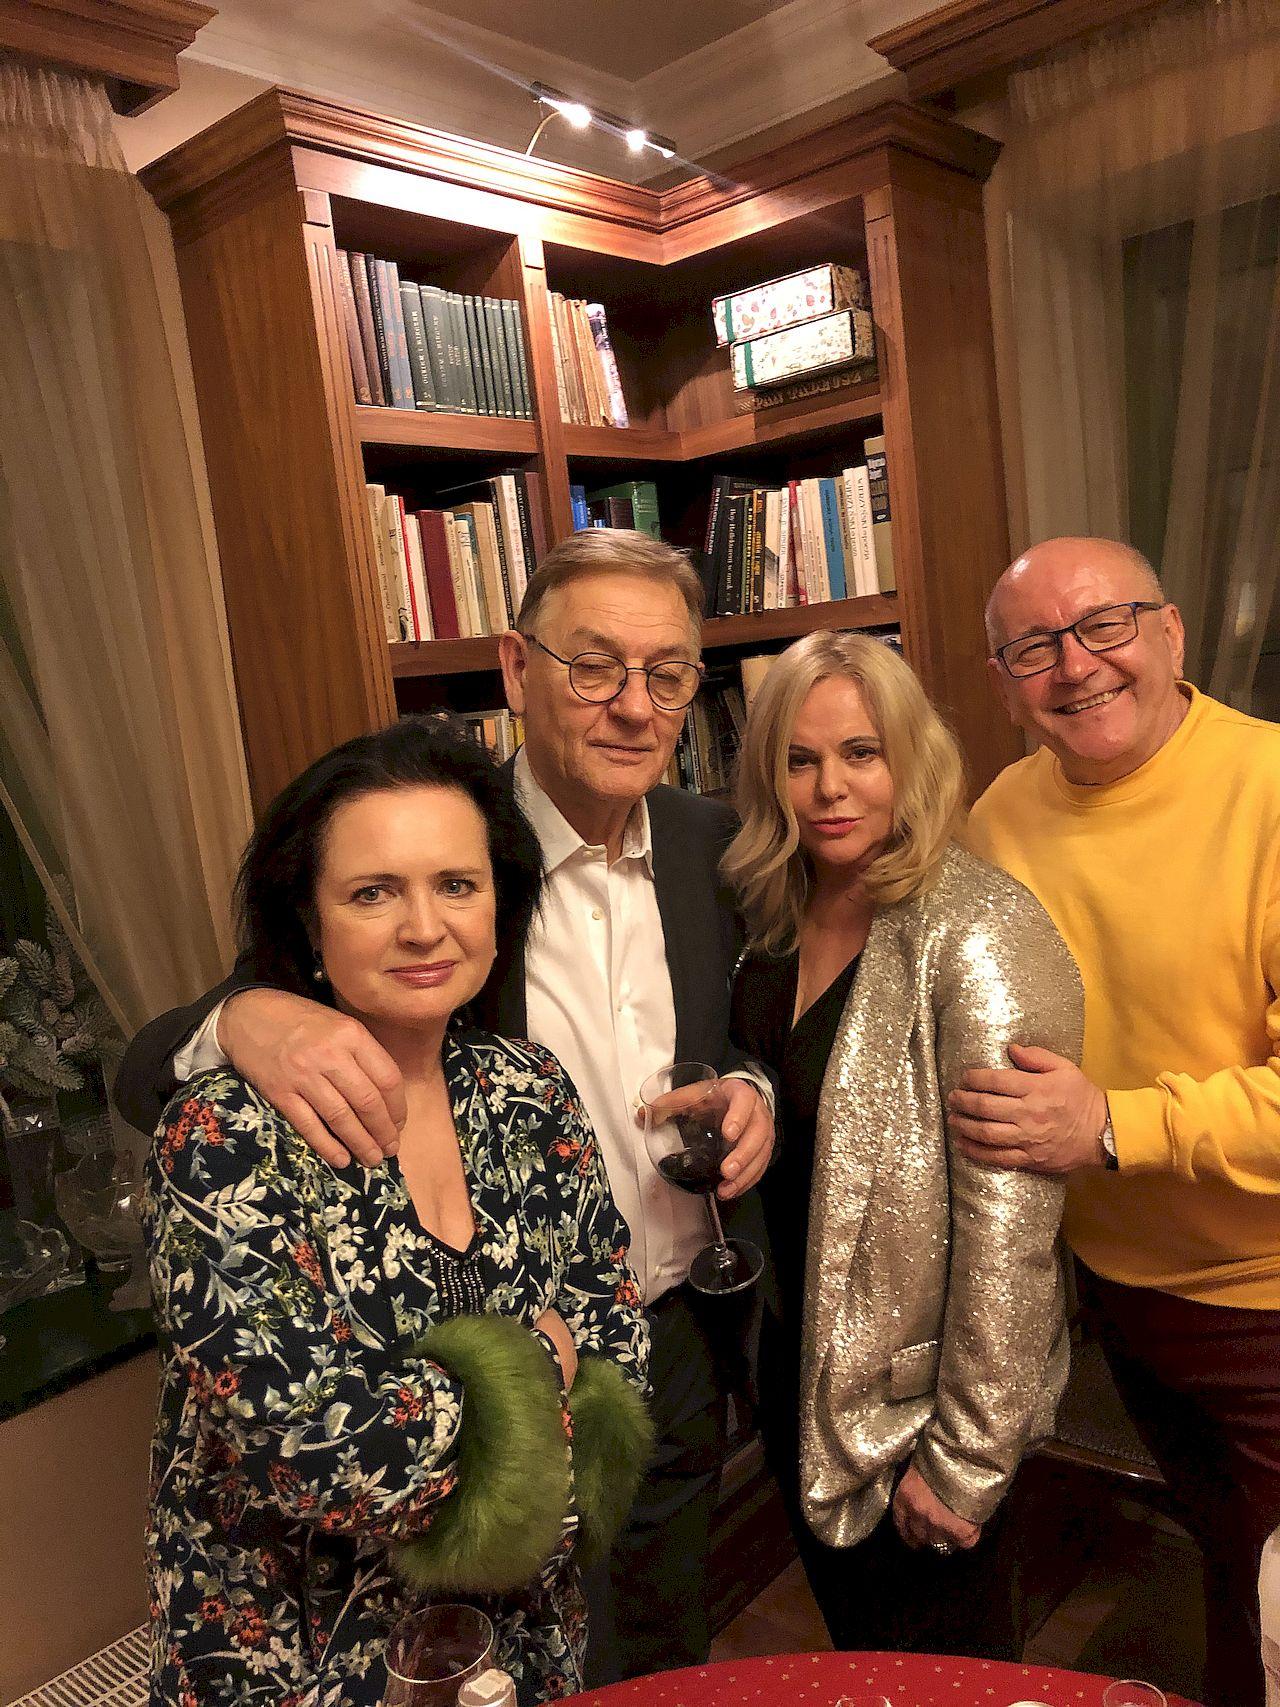 Agata Młynarska, Natalia Kukulska i inne gwiazdy na WIGILII u Anny Jurksztowicz. Zobaczcie jej DOM!